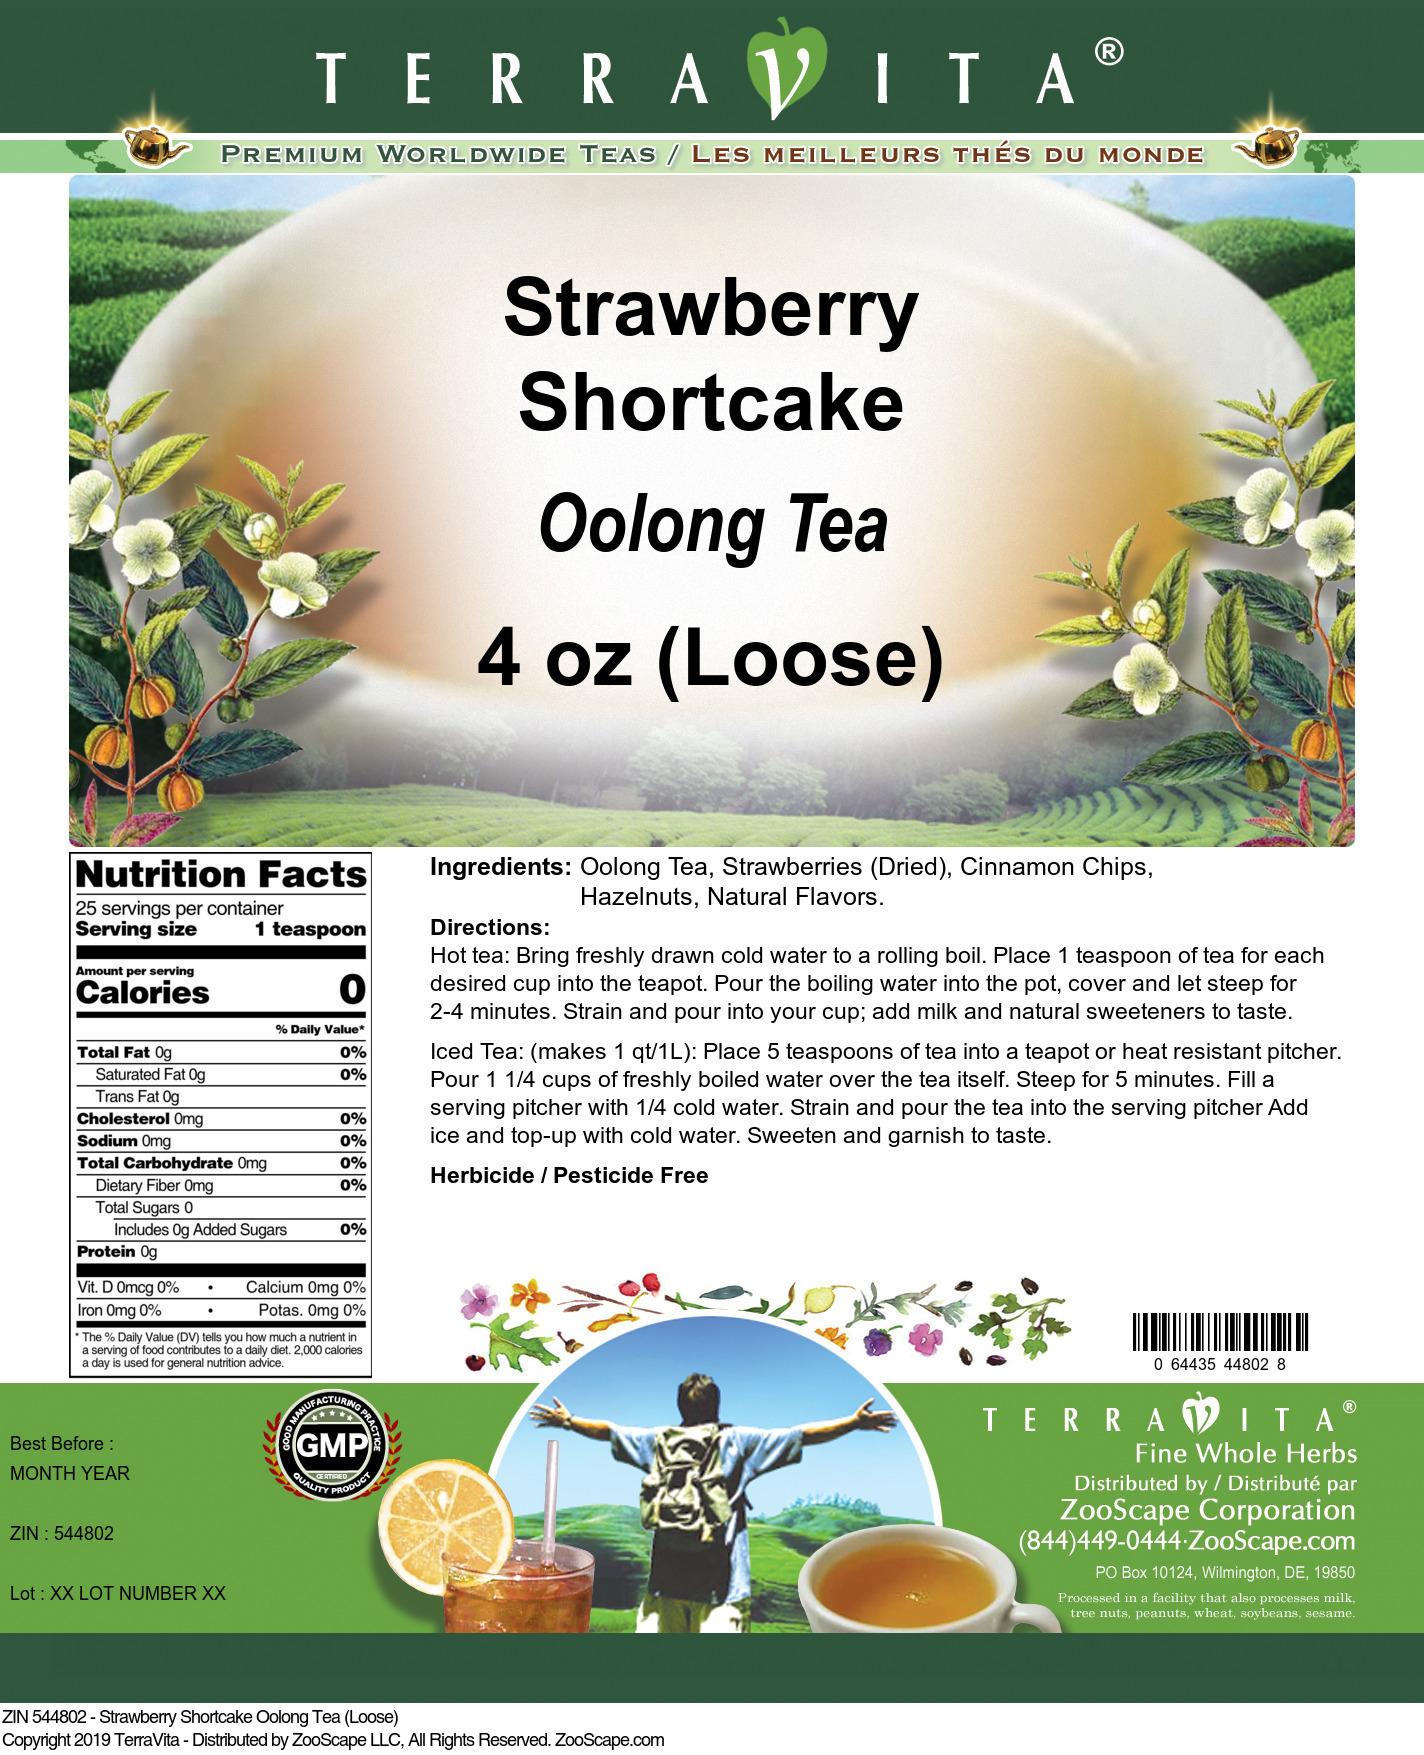 Strawberry Shortcake Oolong Tea